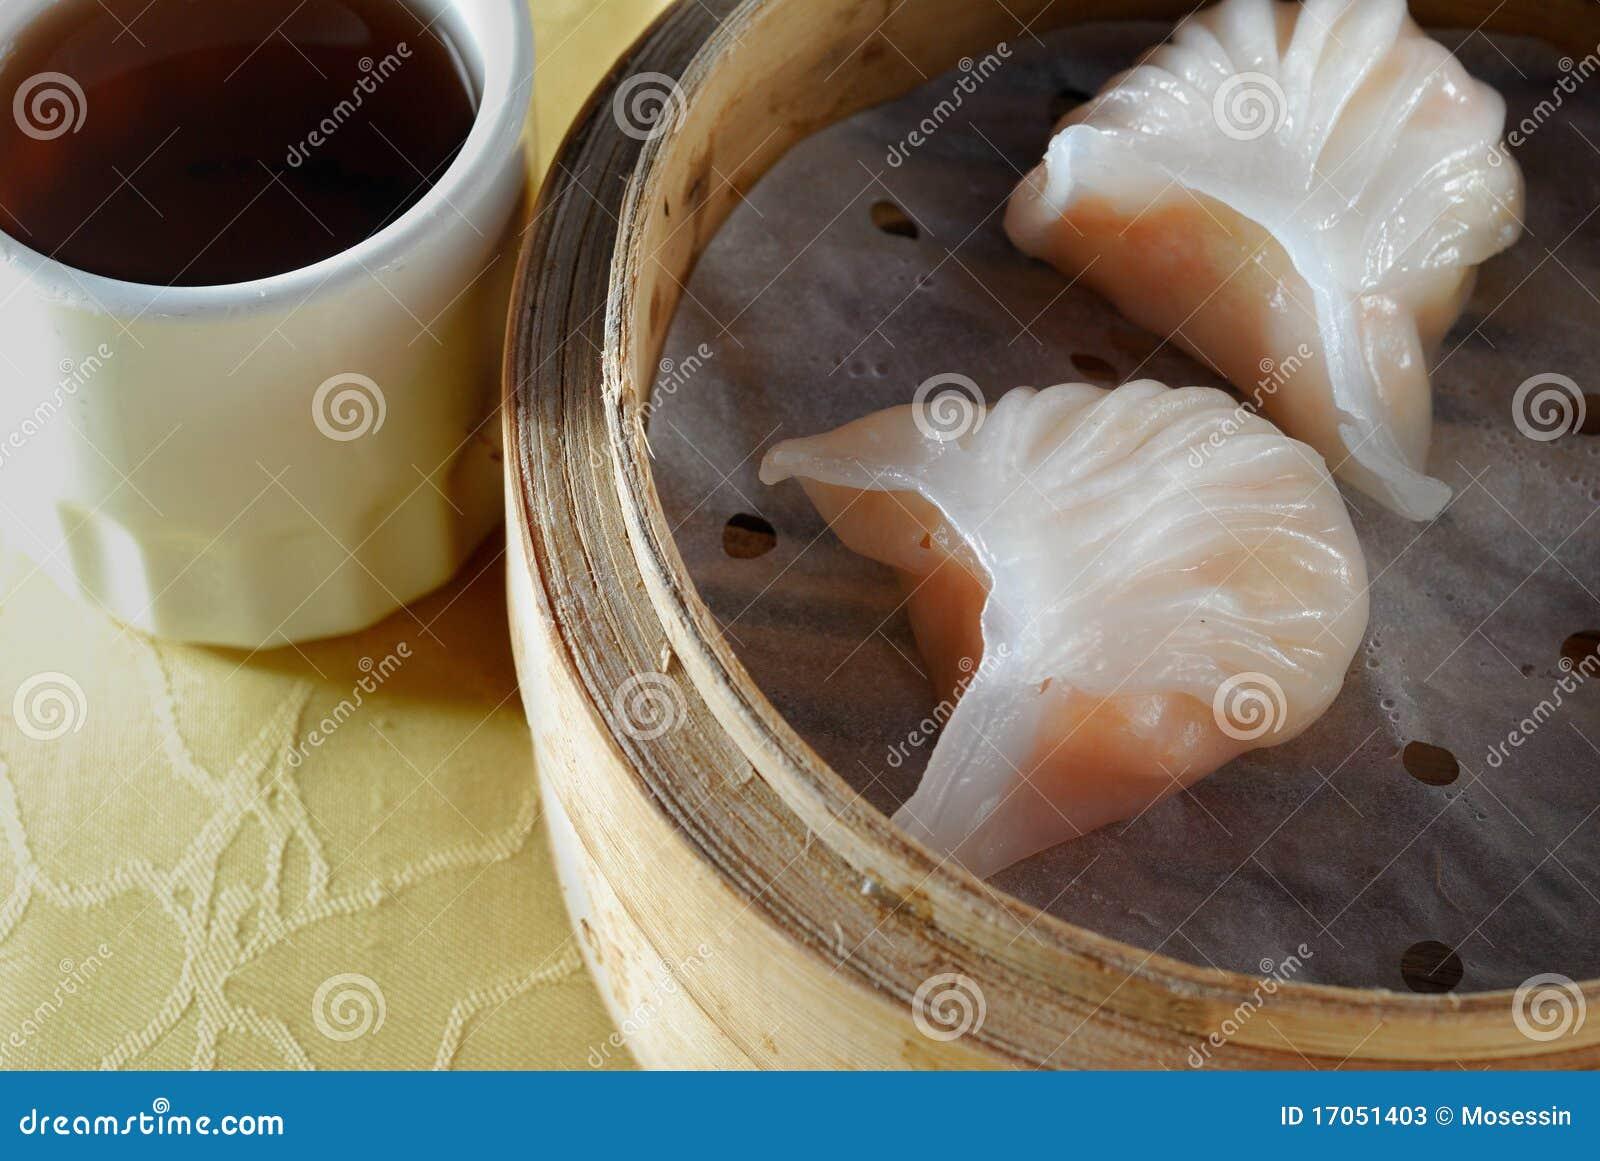 γαρίδες μπουλεττών